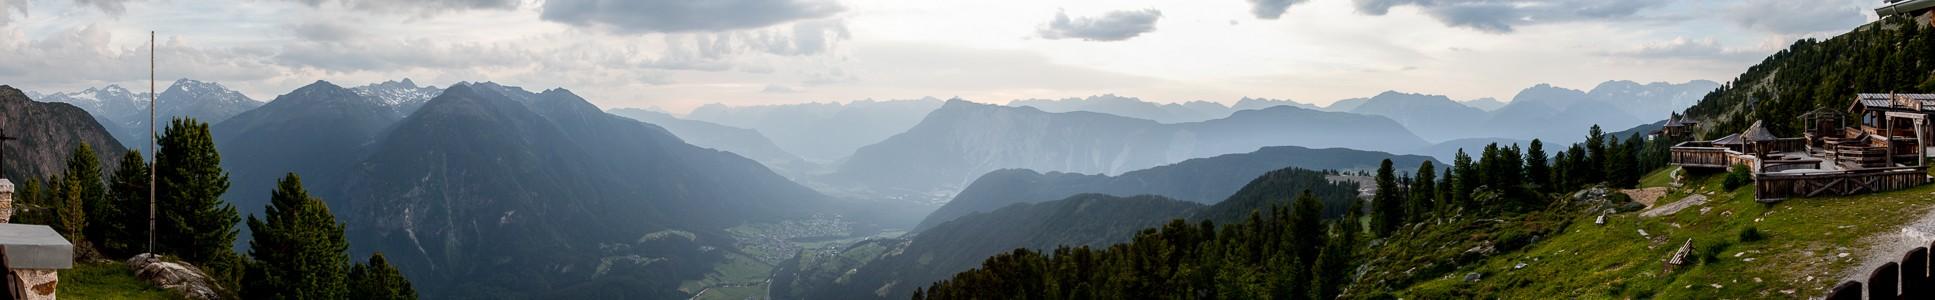 Hochoetz Blick von der Bielefelder Hütte: Ötztaler Alpen, Ötztal, Inntal, Lechttaler Alpen und Mieminger Kette